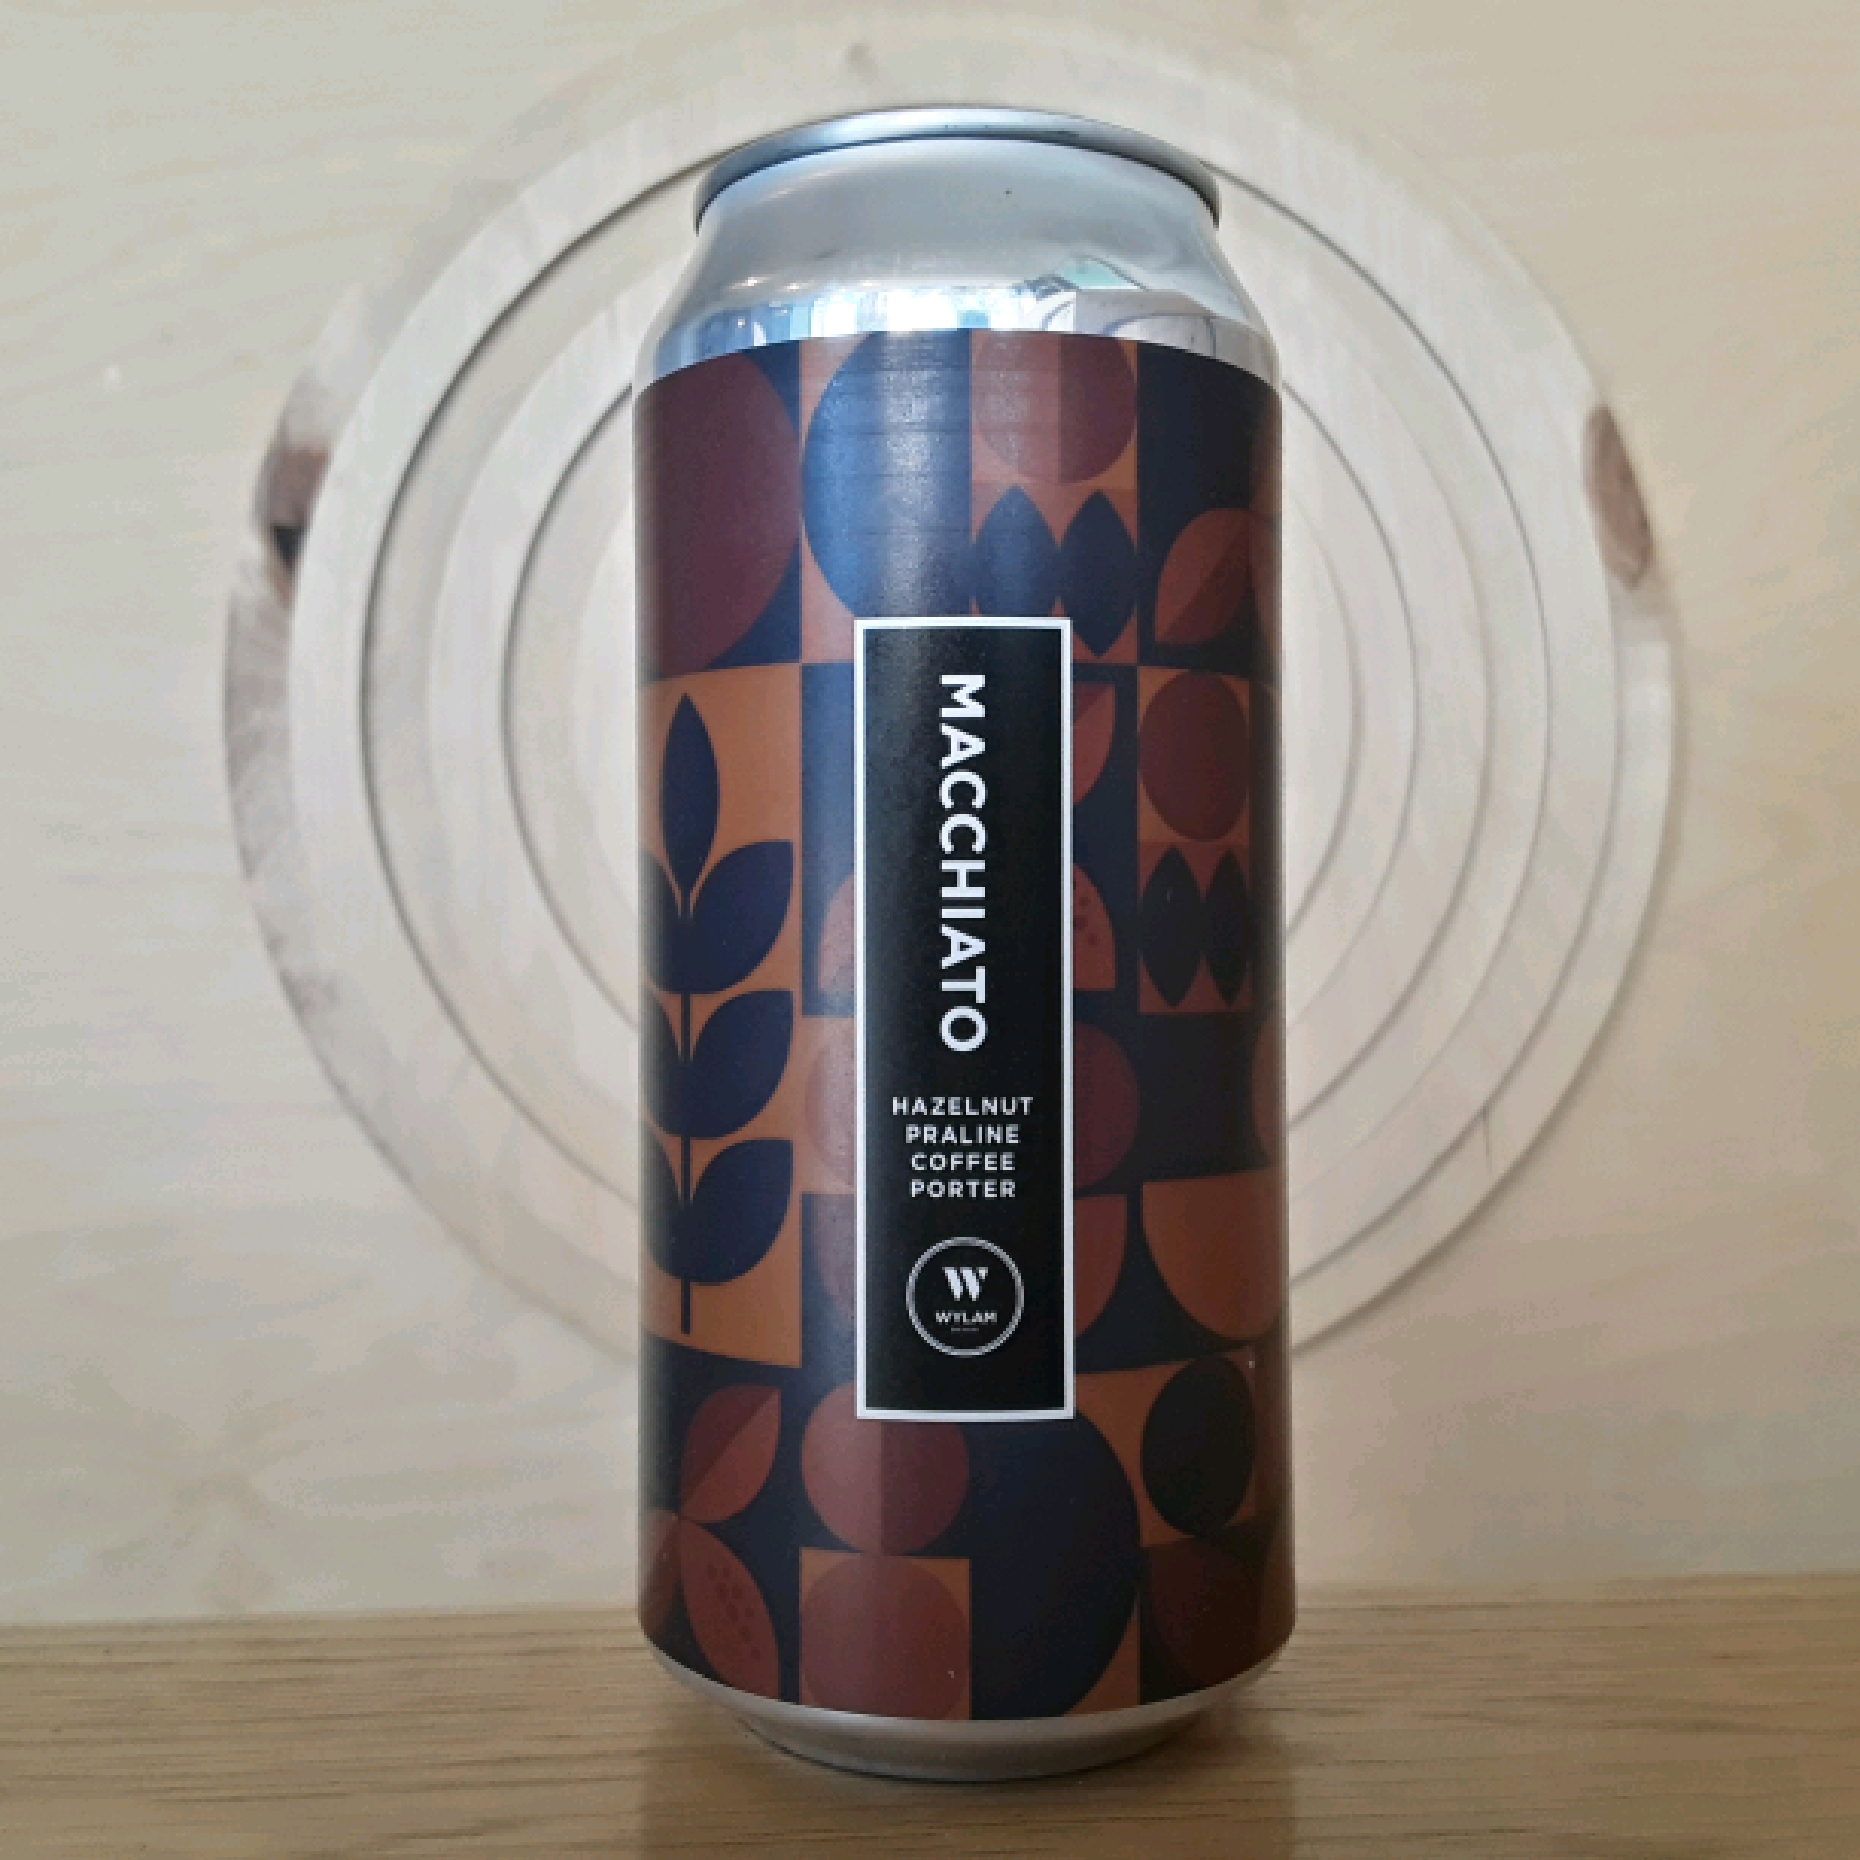 Wylam | Macchiato | Hazelnut Praline Coffee Porter